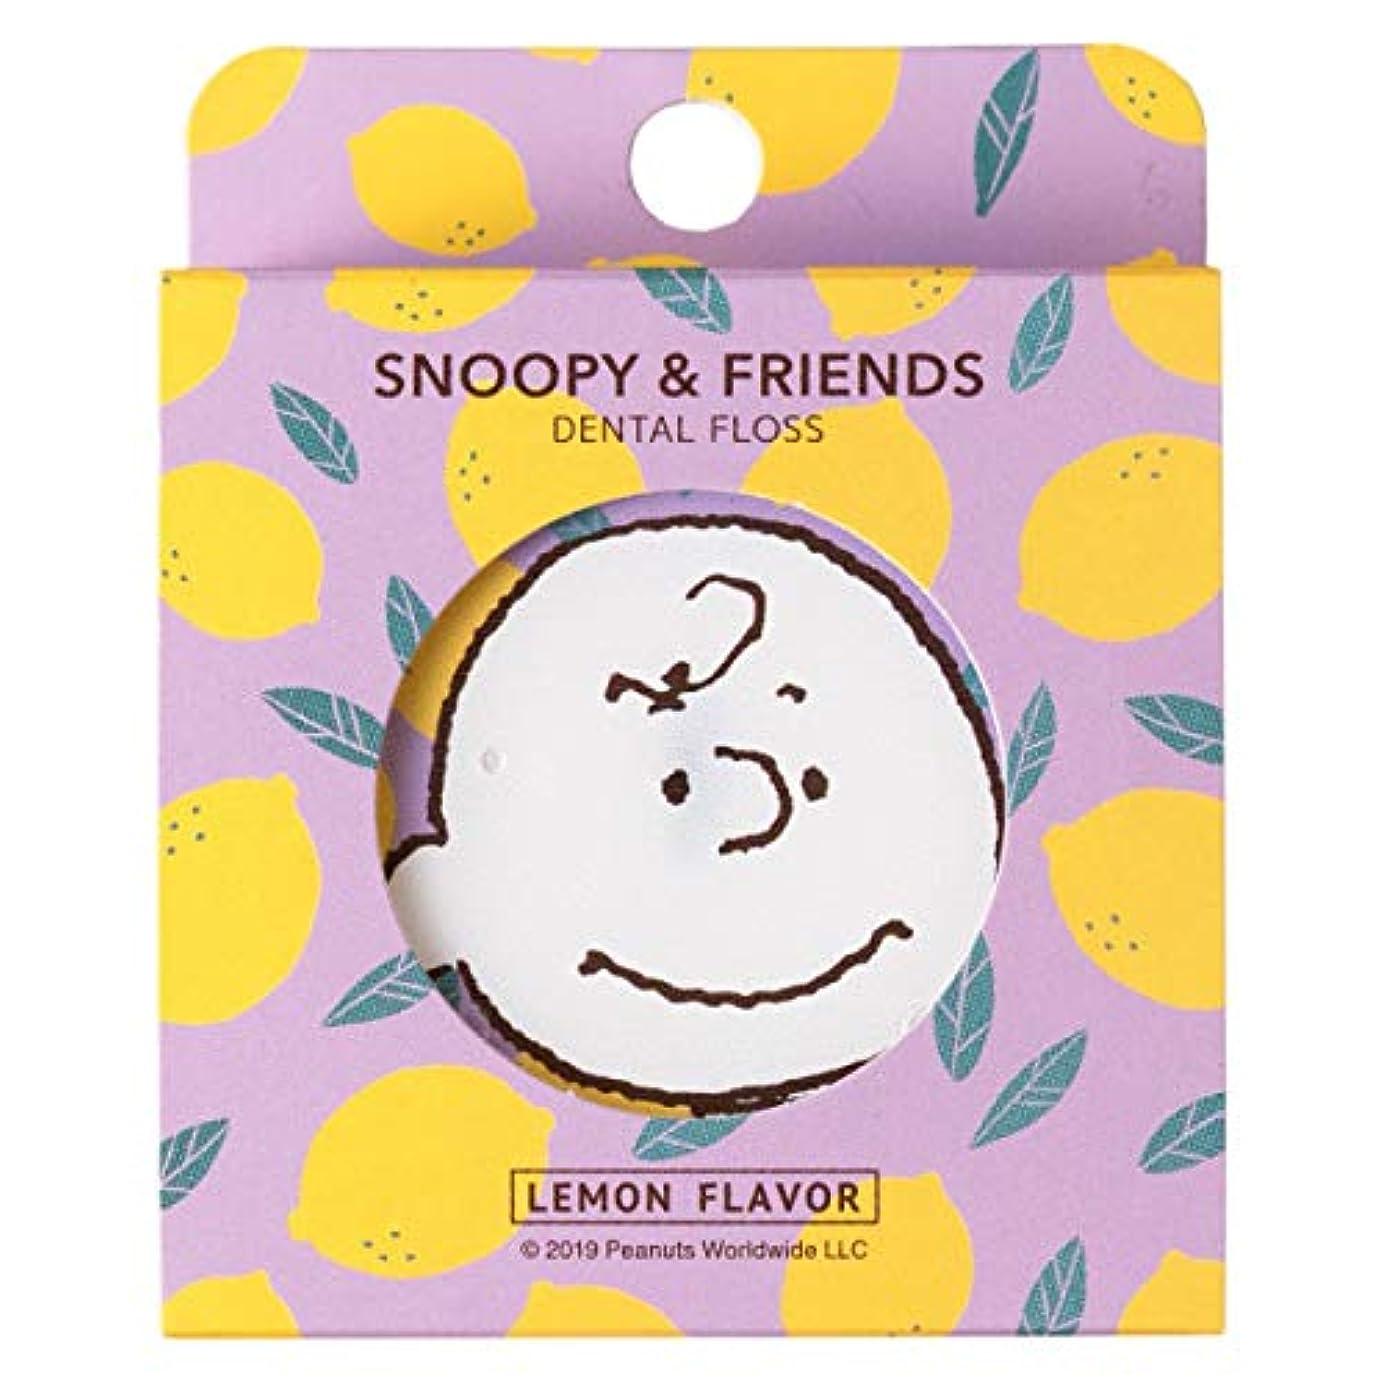 青プット破壊的なFINE(ファイン) スヌーピー&フレンズ デンタルフロス 約3ヶ月分 レモンの香り 50m